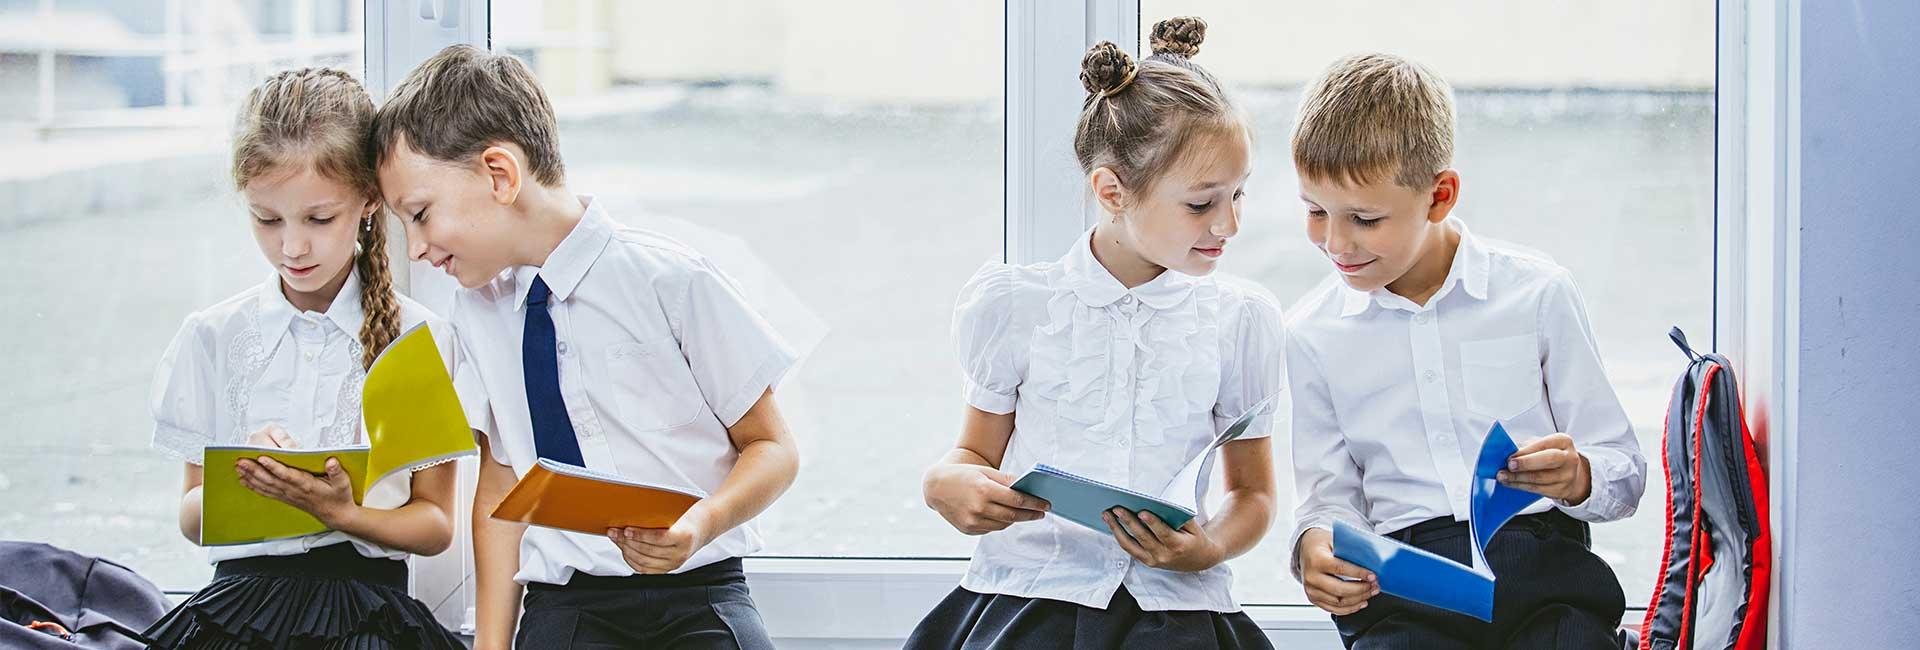 Okul Çağı Çocuklarda İşitme Kontrolü Listesi